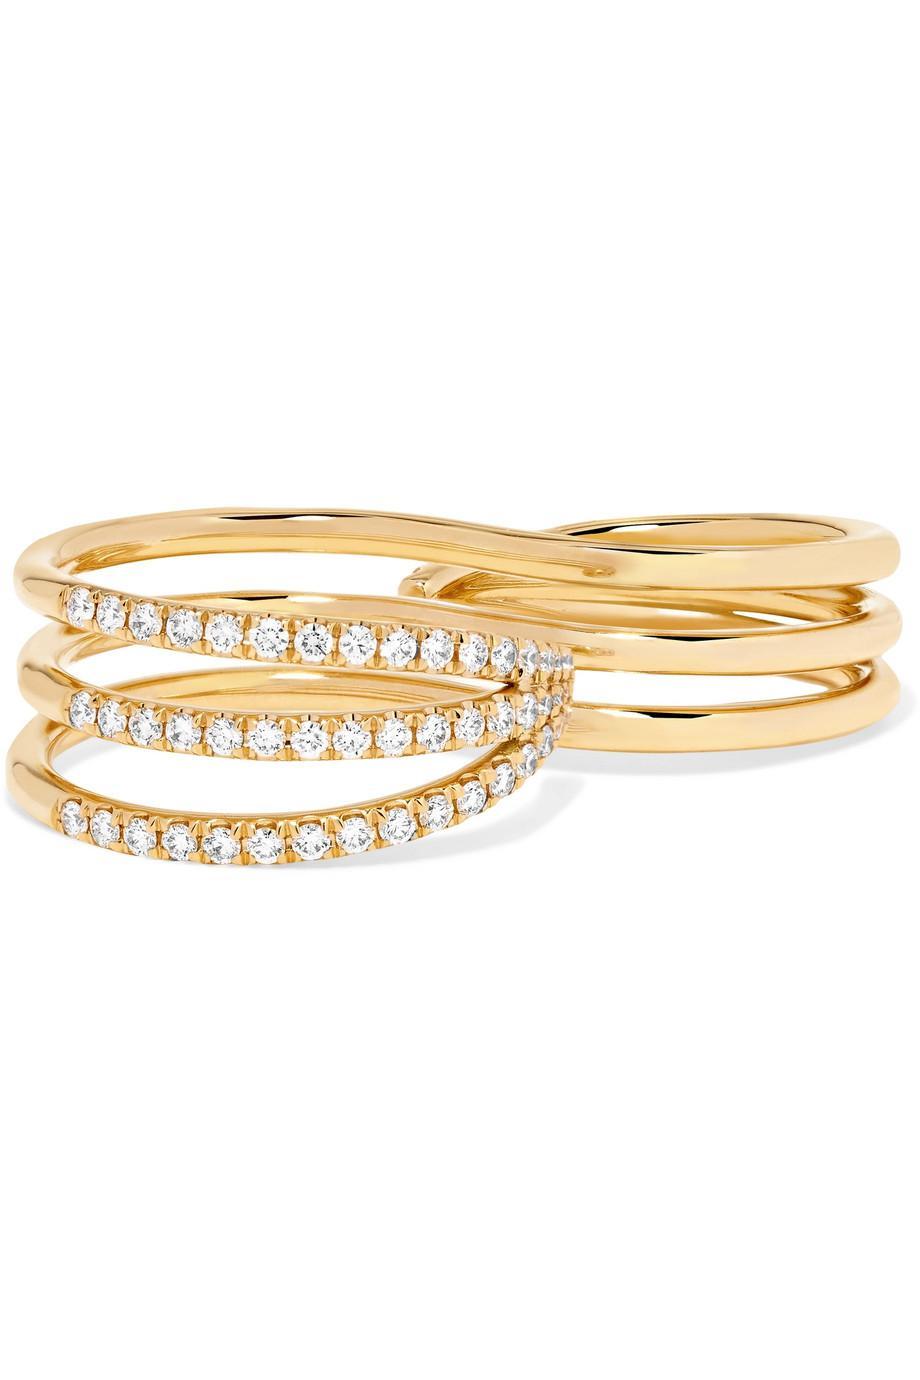 Melissa Kaye 18-karat Rose Gold, Ruby And Diamond Two-finger Ring